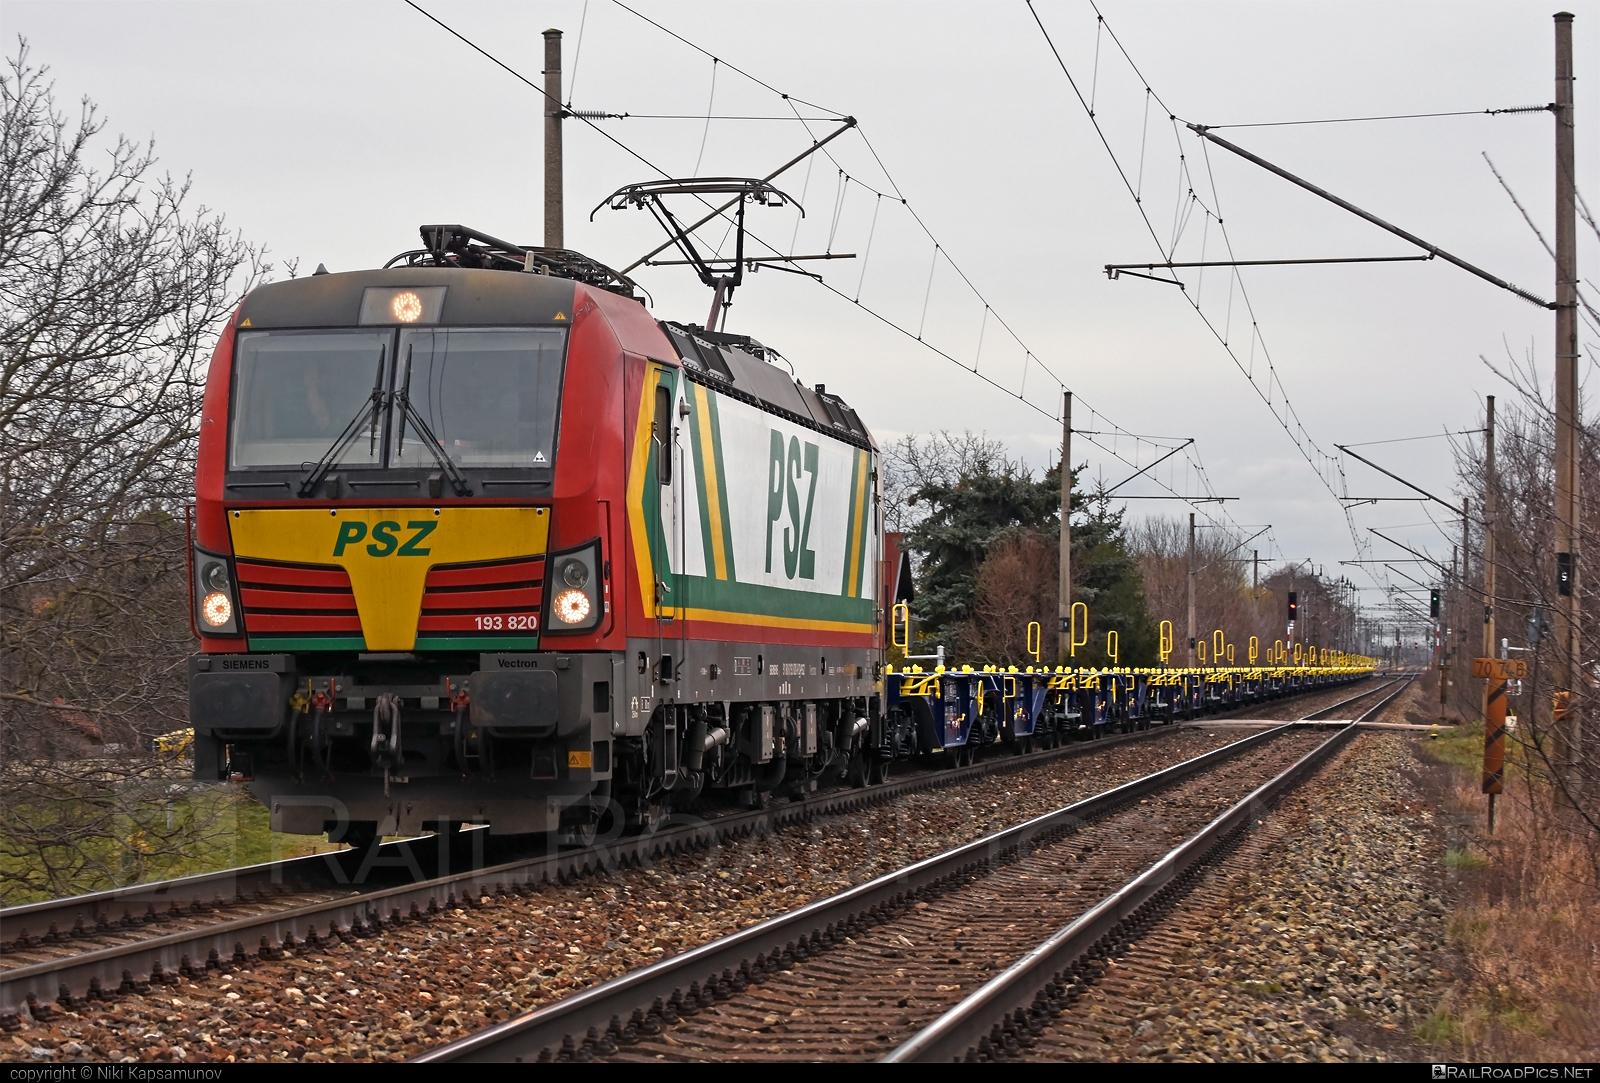 Siemens Vectron MS - 193 820 operated by Prvá Slovenská železničná, a.s. #flatwagon #prvaslovenskazeleznicna #prvaslovenskazeleznicnaas #psz #siemens #siemensvectron #siemensvectronms #vectron #vectronms